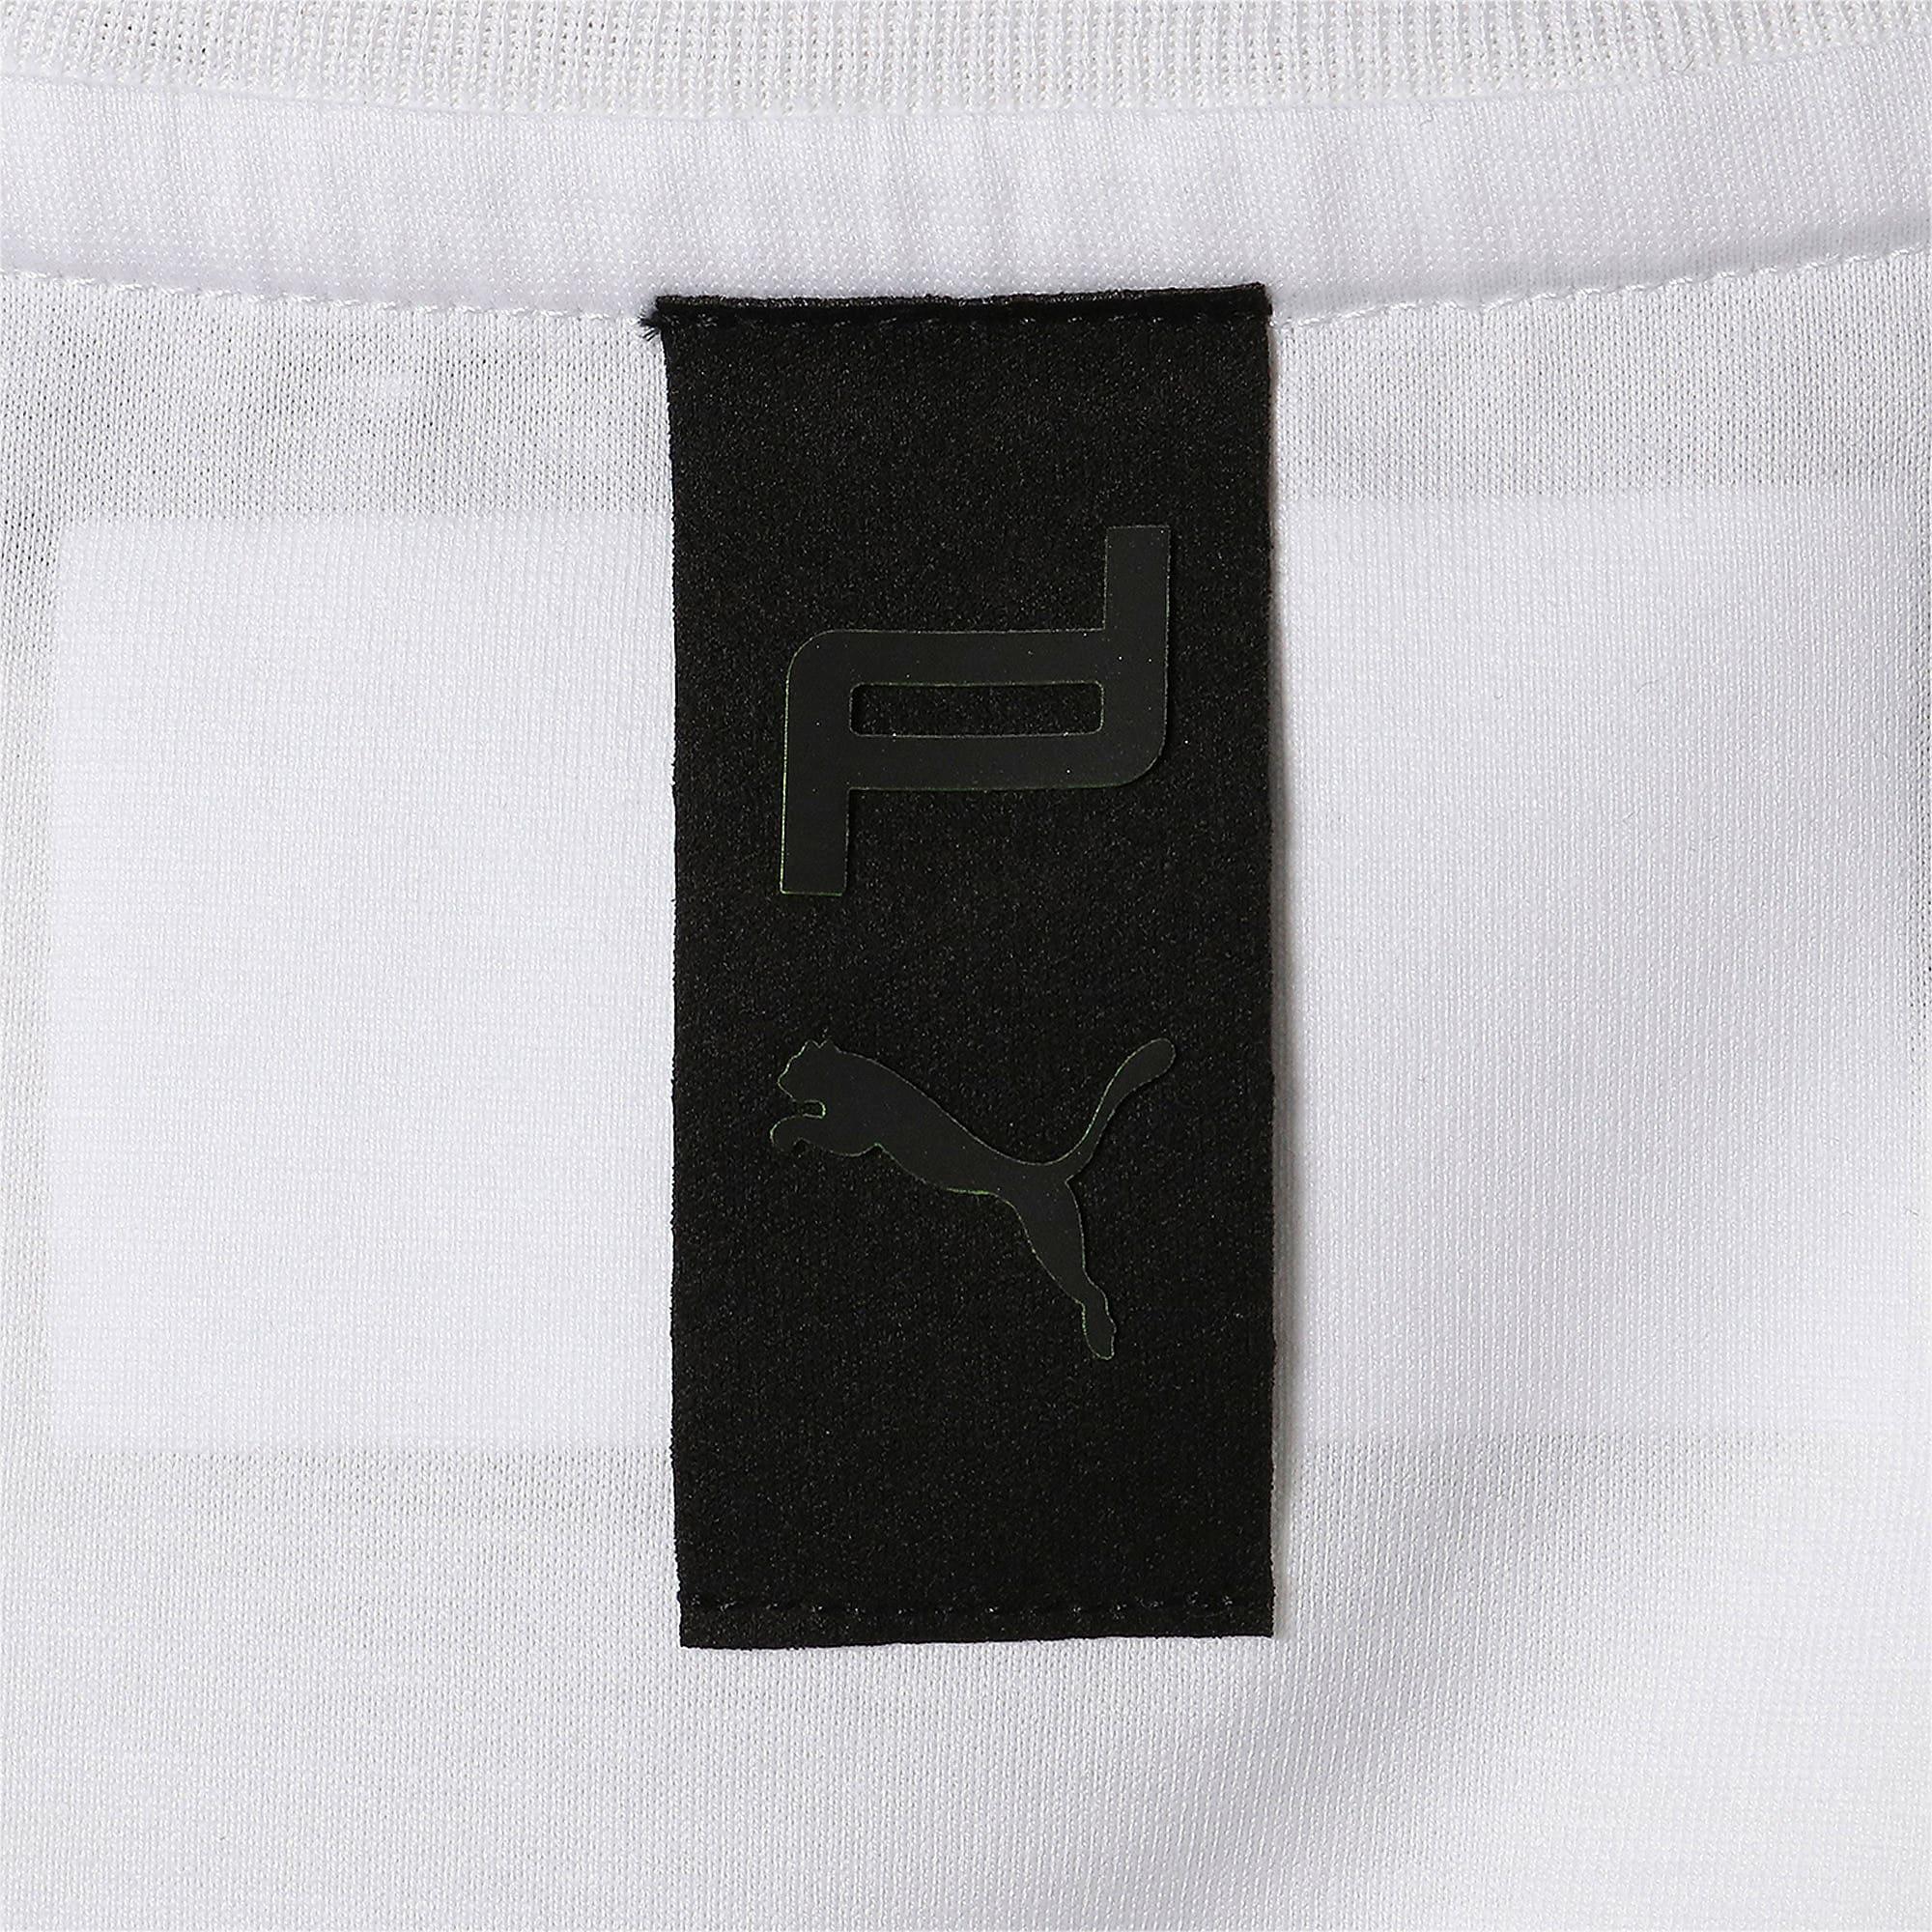 Thumbnail 12 of M ポルシェデザイン PD グラフィック Tシャツ, Puma White, medium-JPN